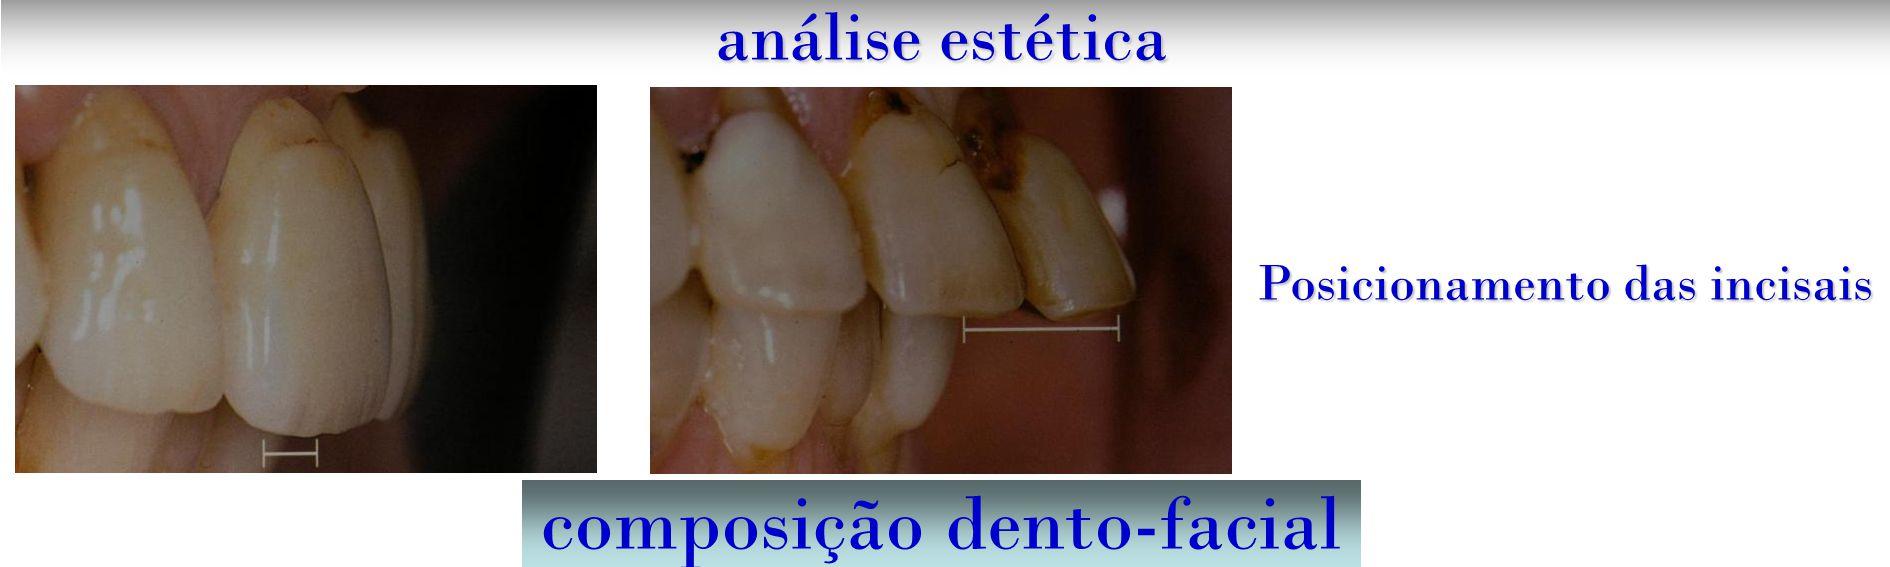 composição dento-facial análise estética Posicionamento das incisais